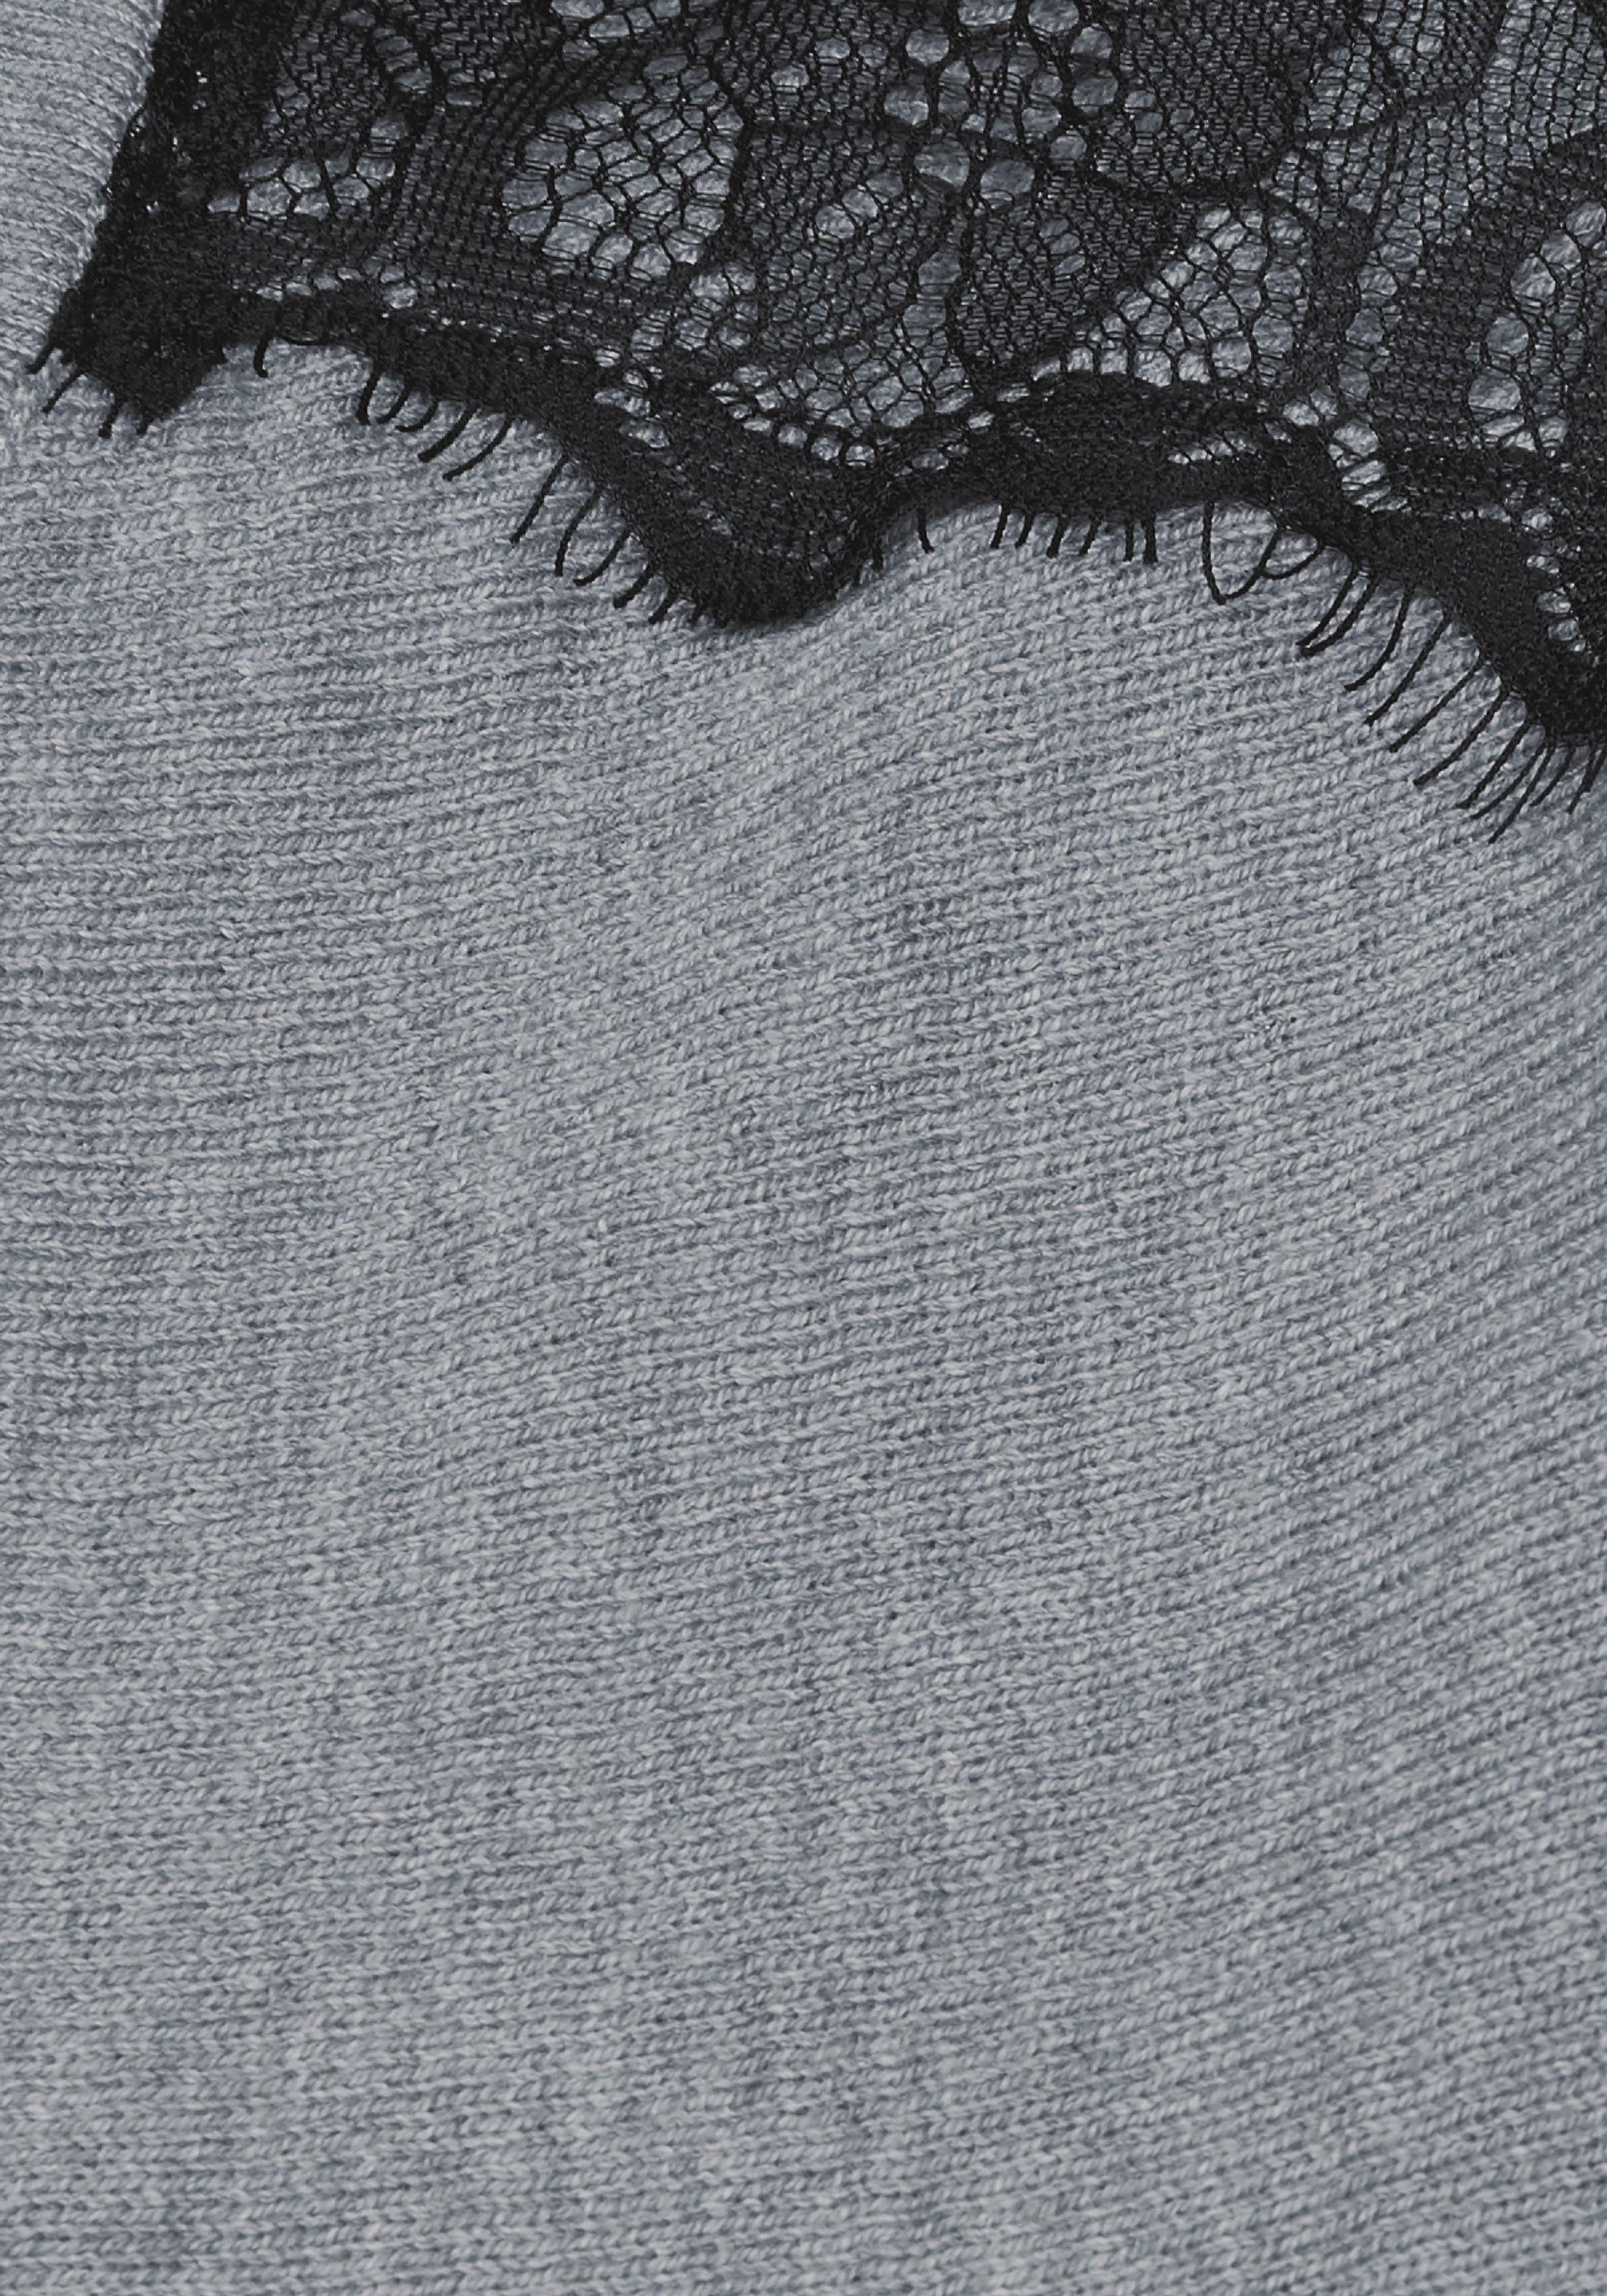 Mit Spitzenbesatz ausschnitt V Melrose pullover vxtYPq